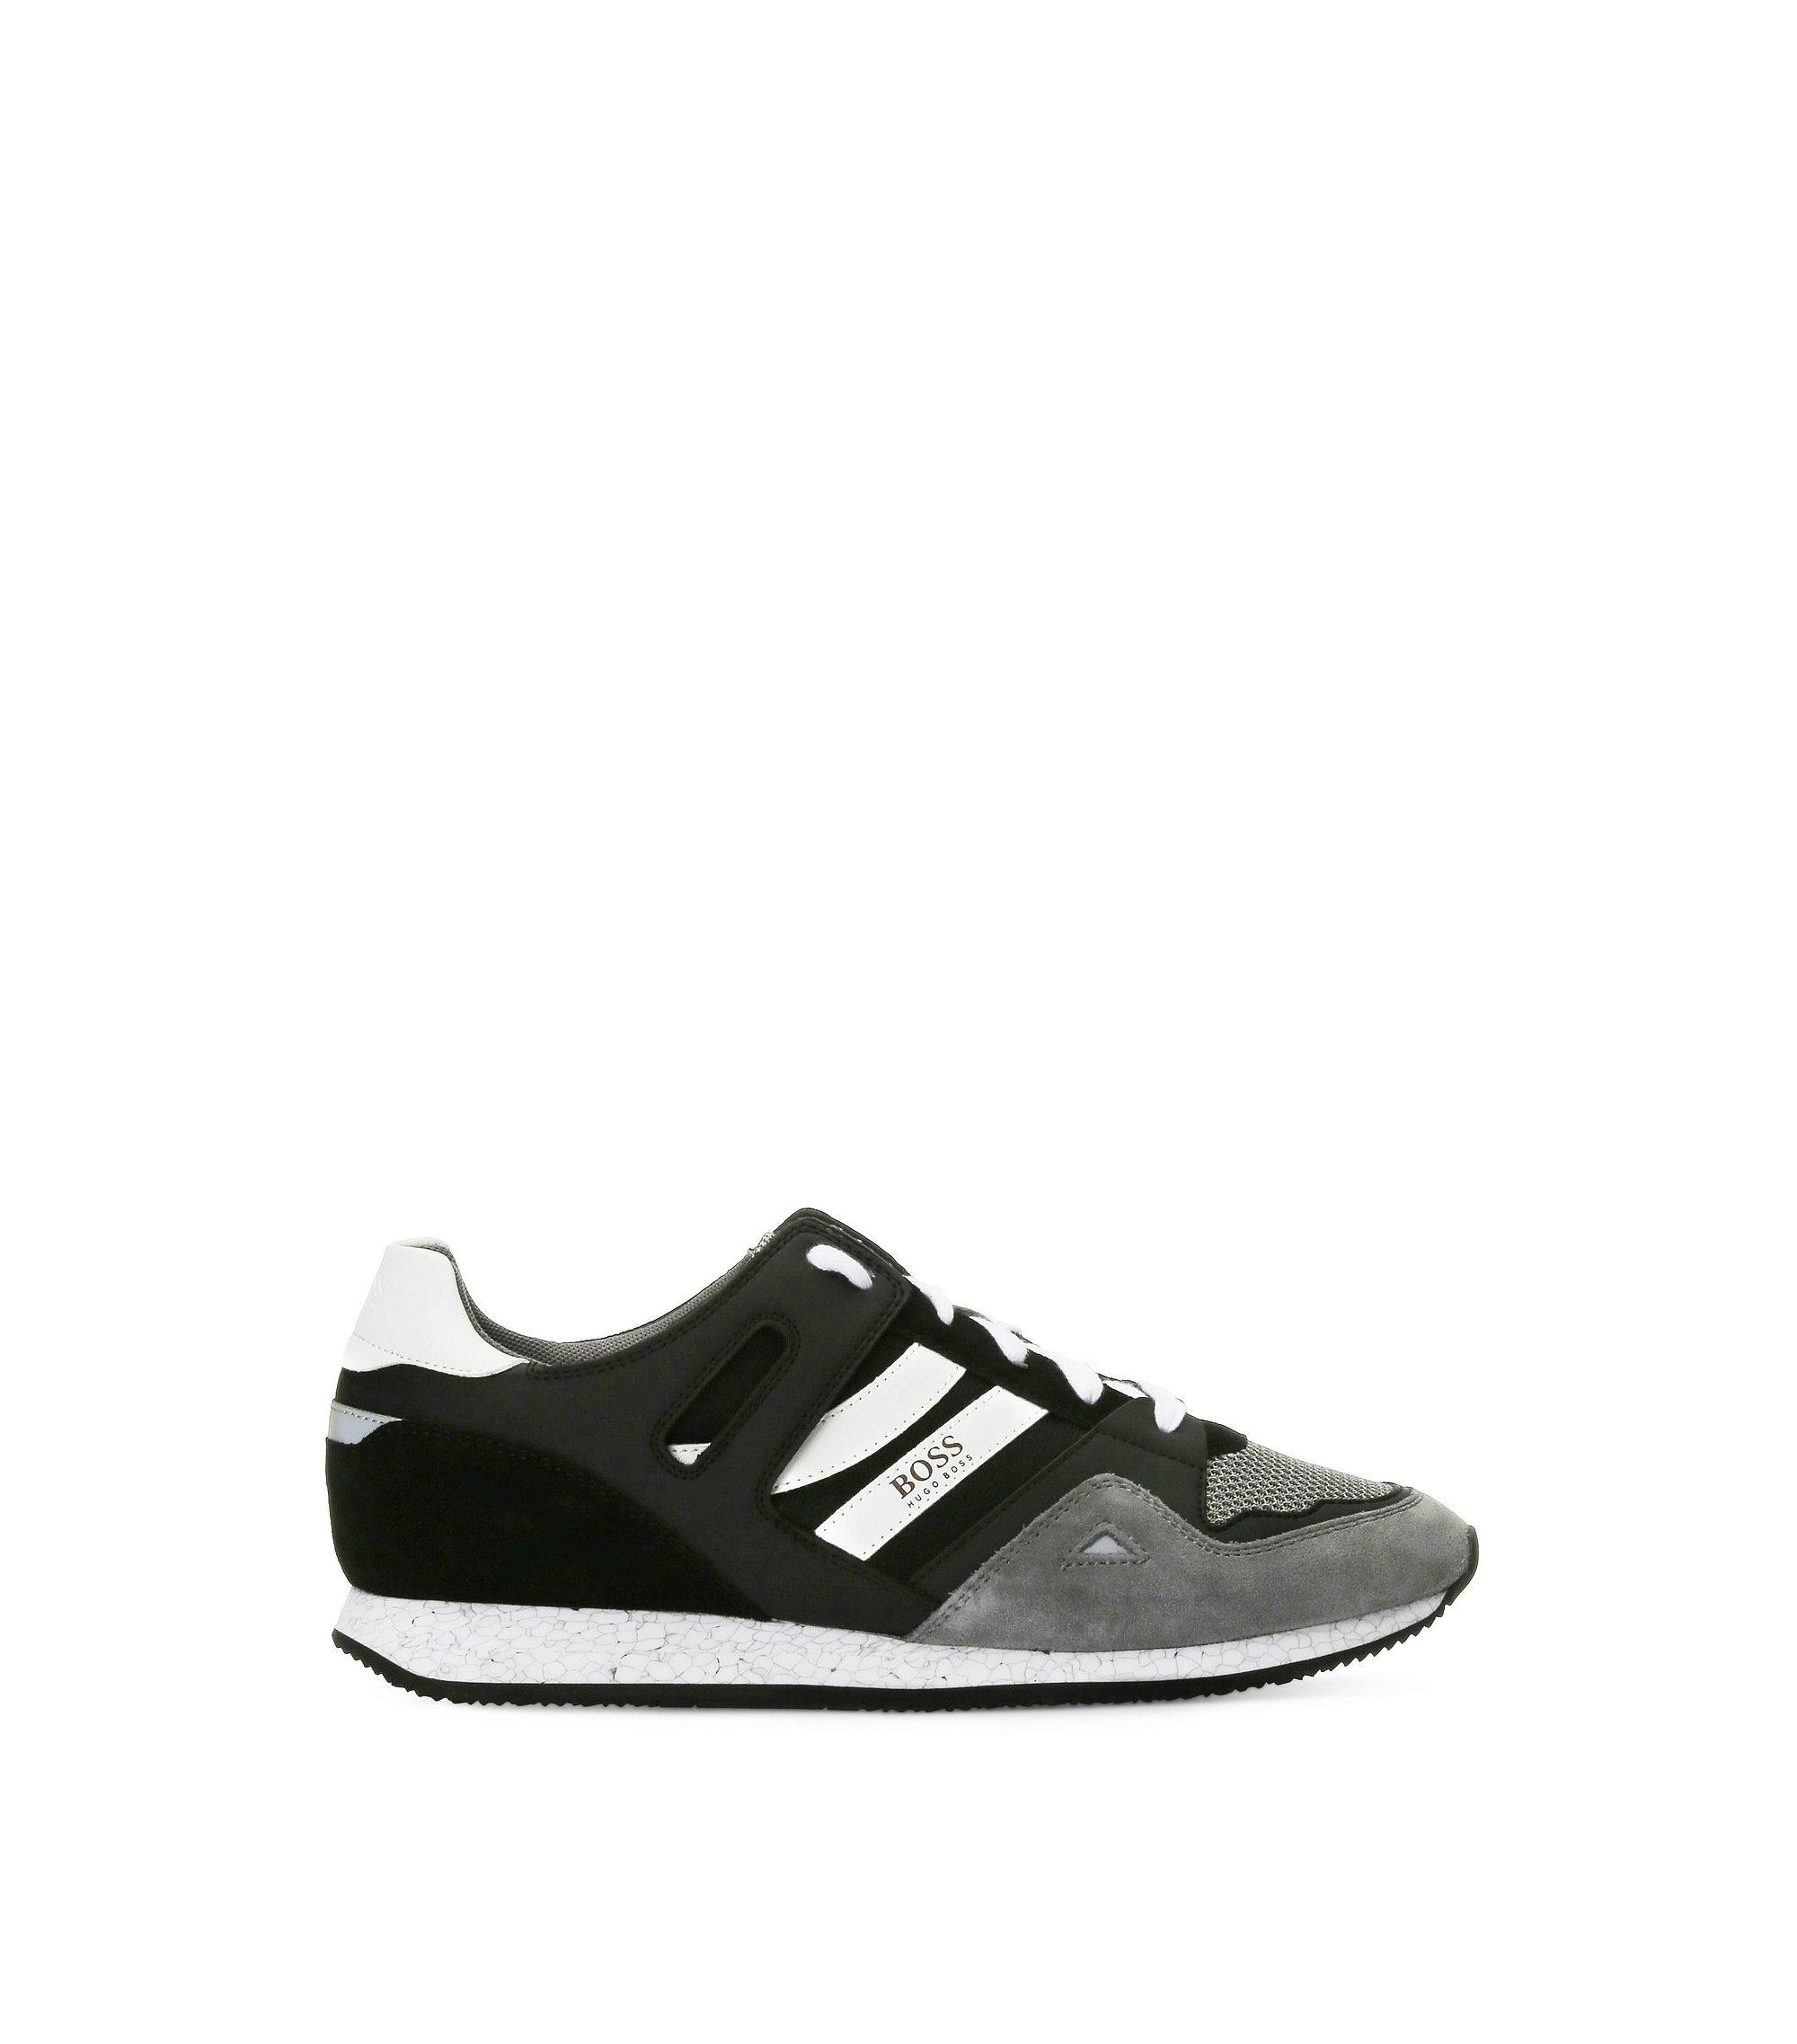 Sneakers aus Material-Mix mit EVA-Sohle, Grau